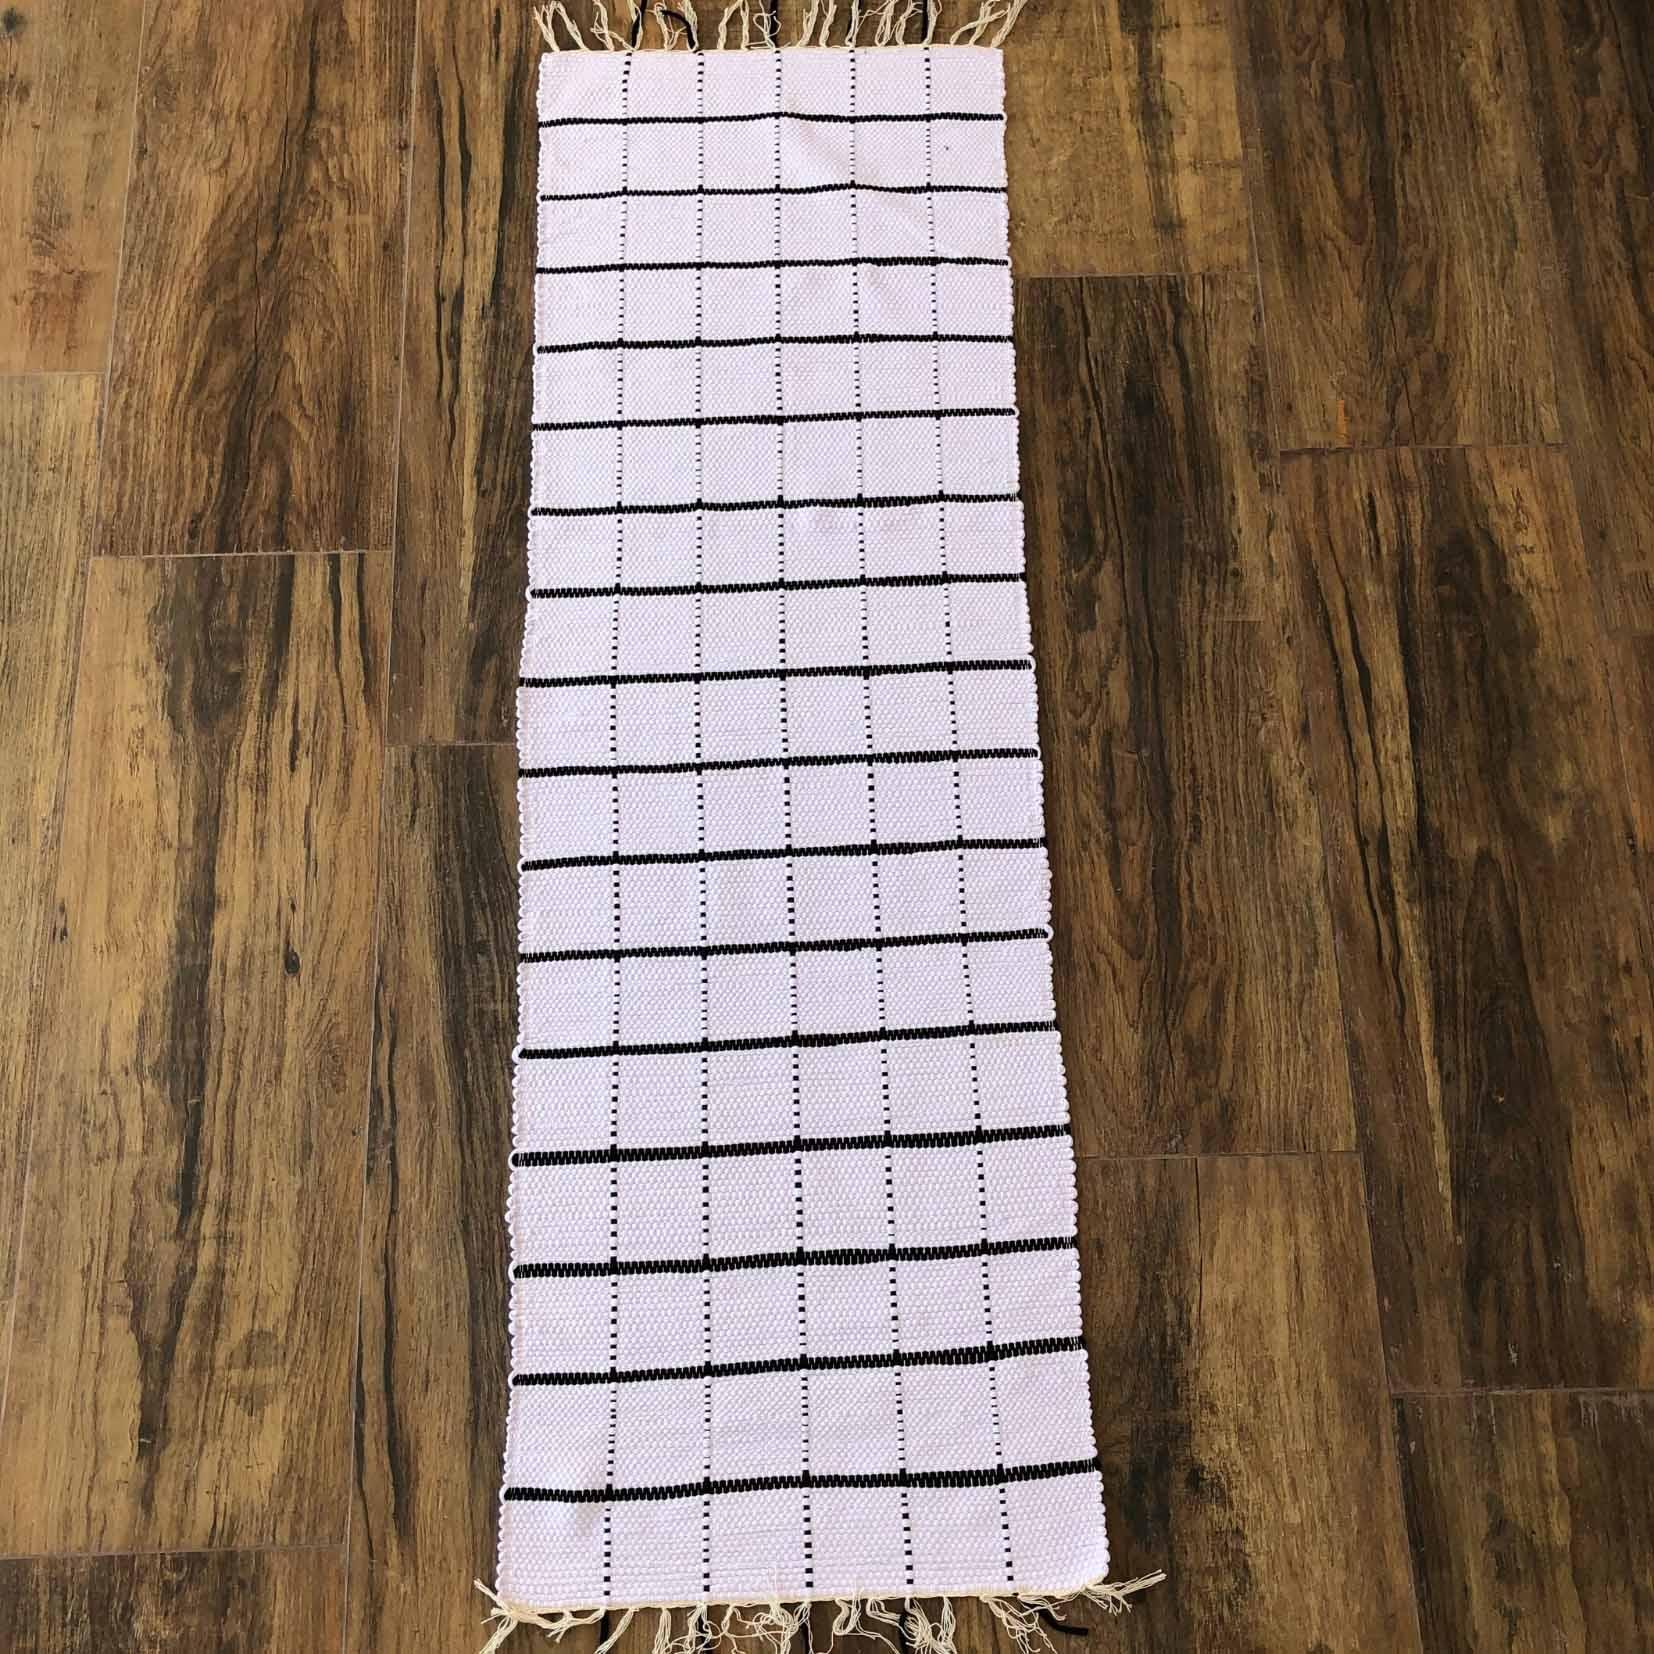 Tapete Passadeira Grid Preto e Branco 1,55 x 0,50 cm